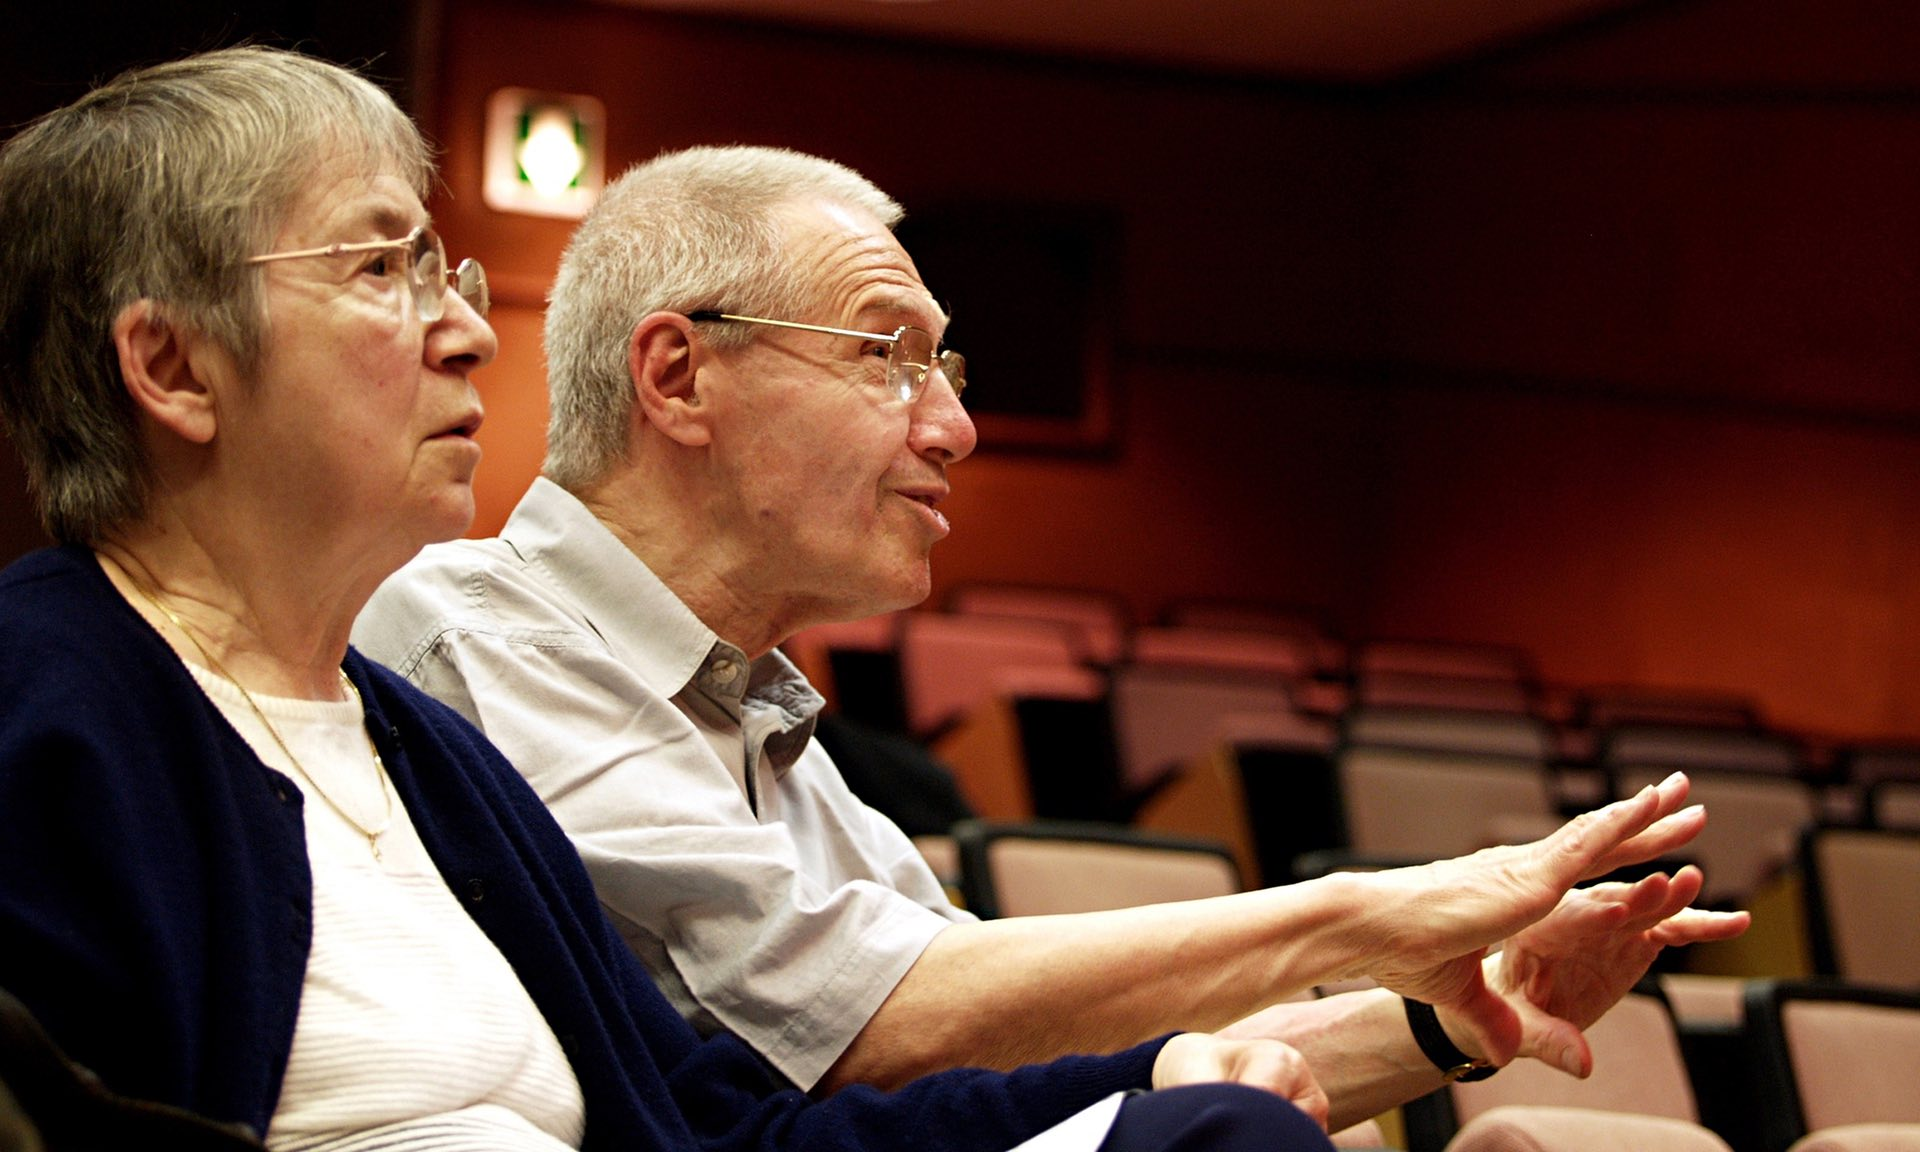 70 éve a billentyűknél a világhírű magyar zongorista házaspár